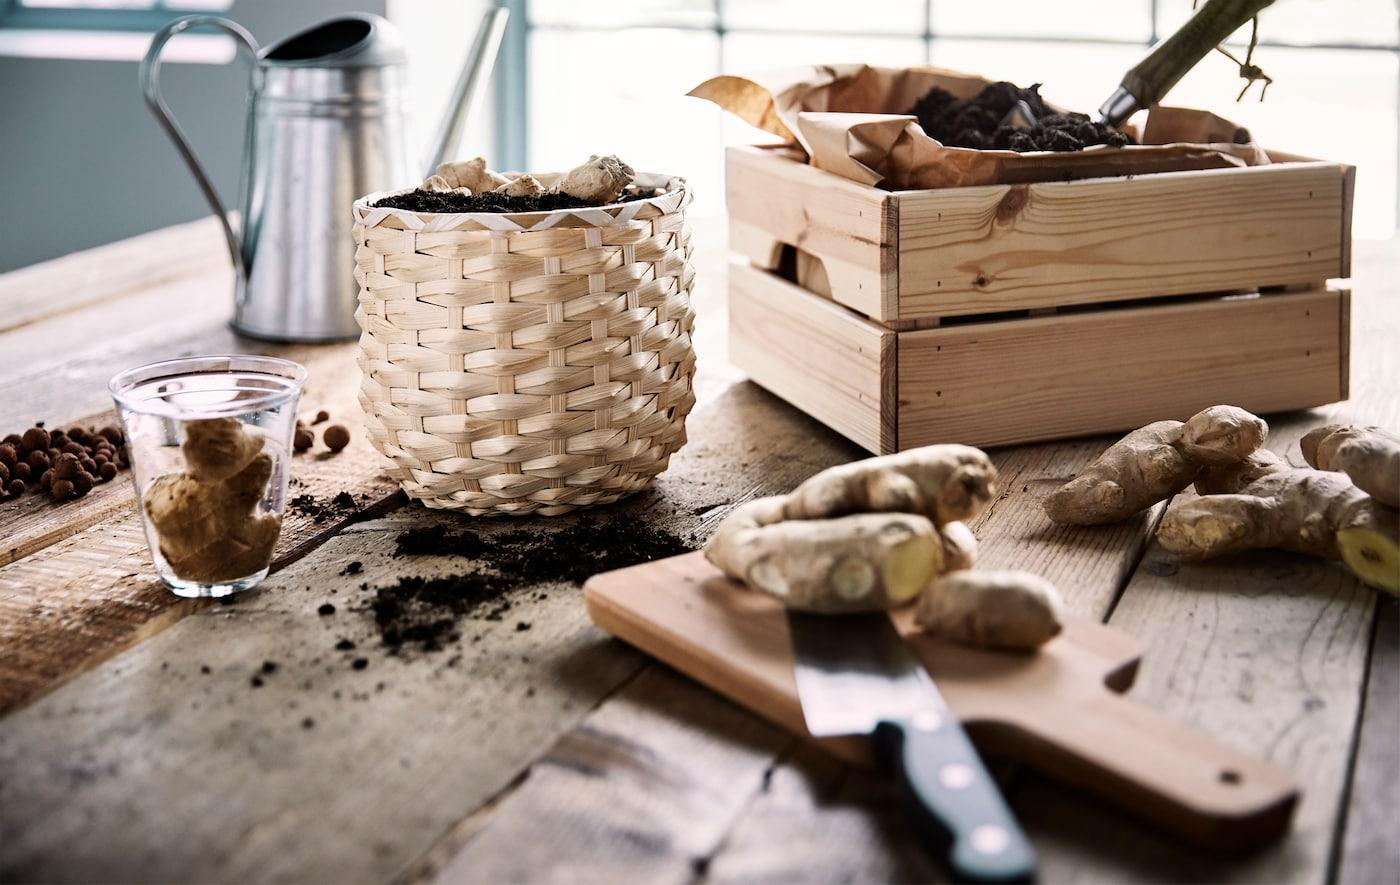 Sadnja đumbira u teglu za biljke od ratana pokraj drvene kutije sa smeđim papirom i zemljom na drvenom stolu.